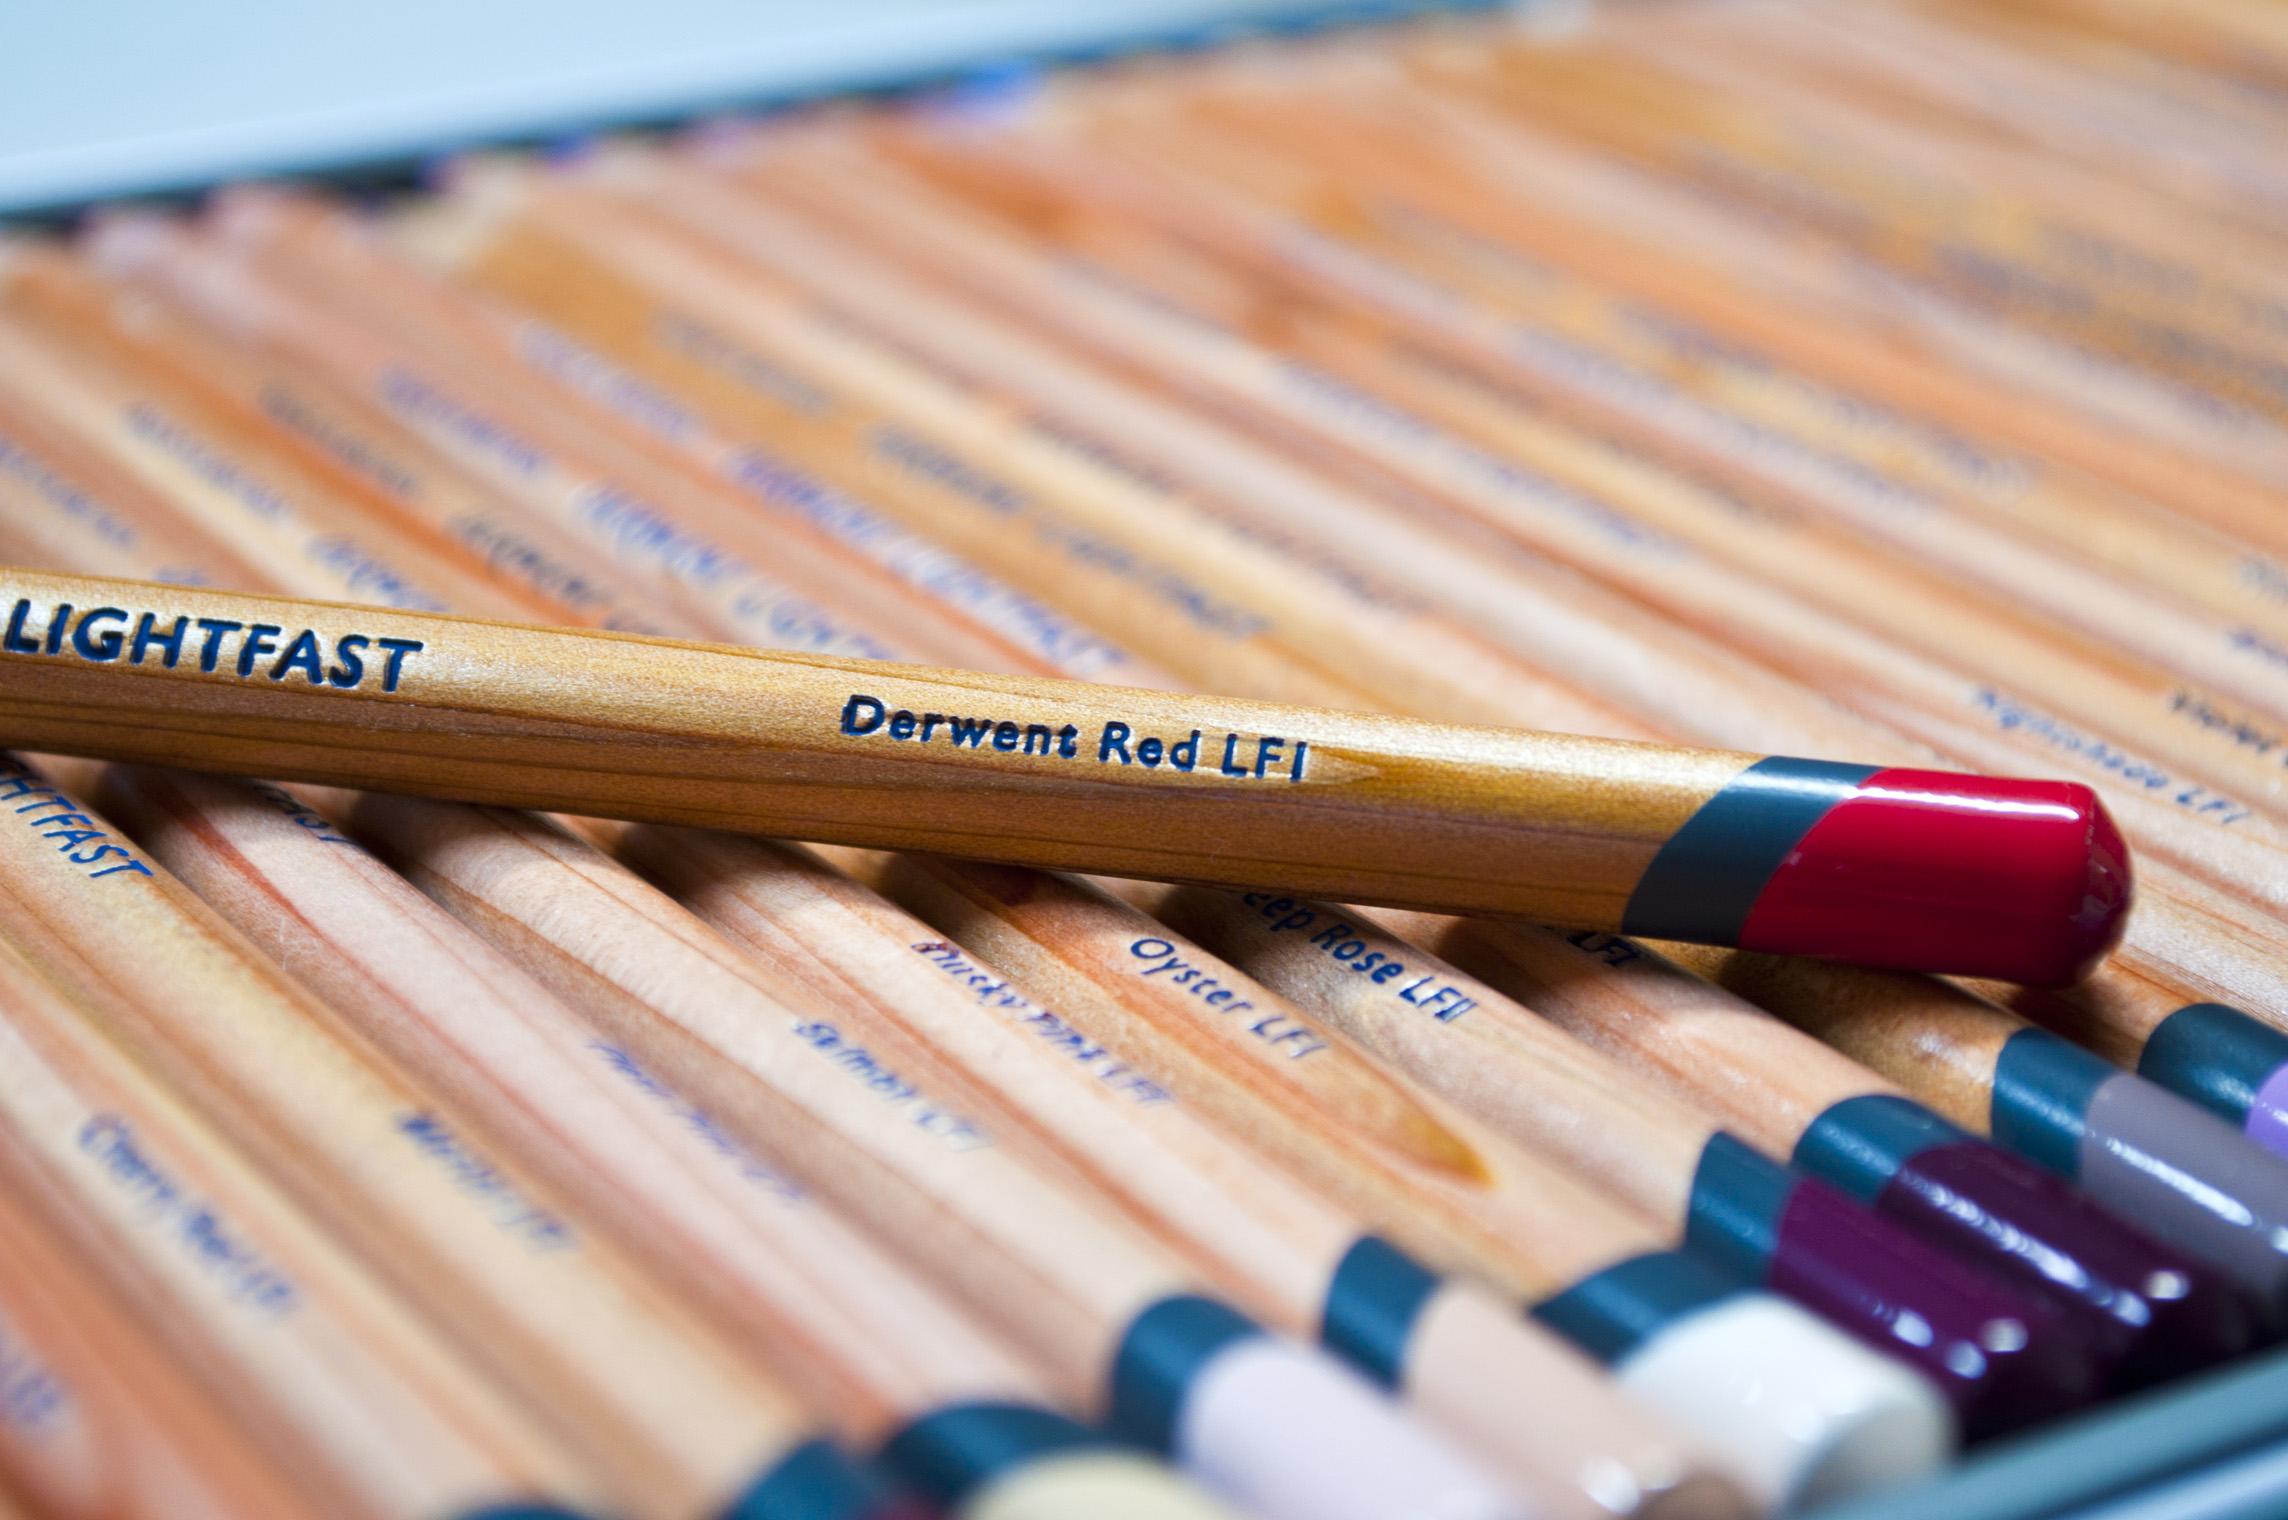 Derwent Red 2 Lightfast.jpg